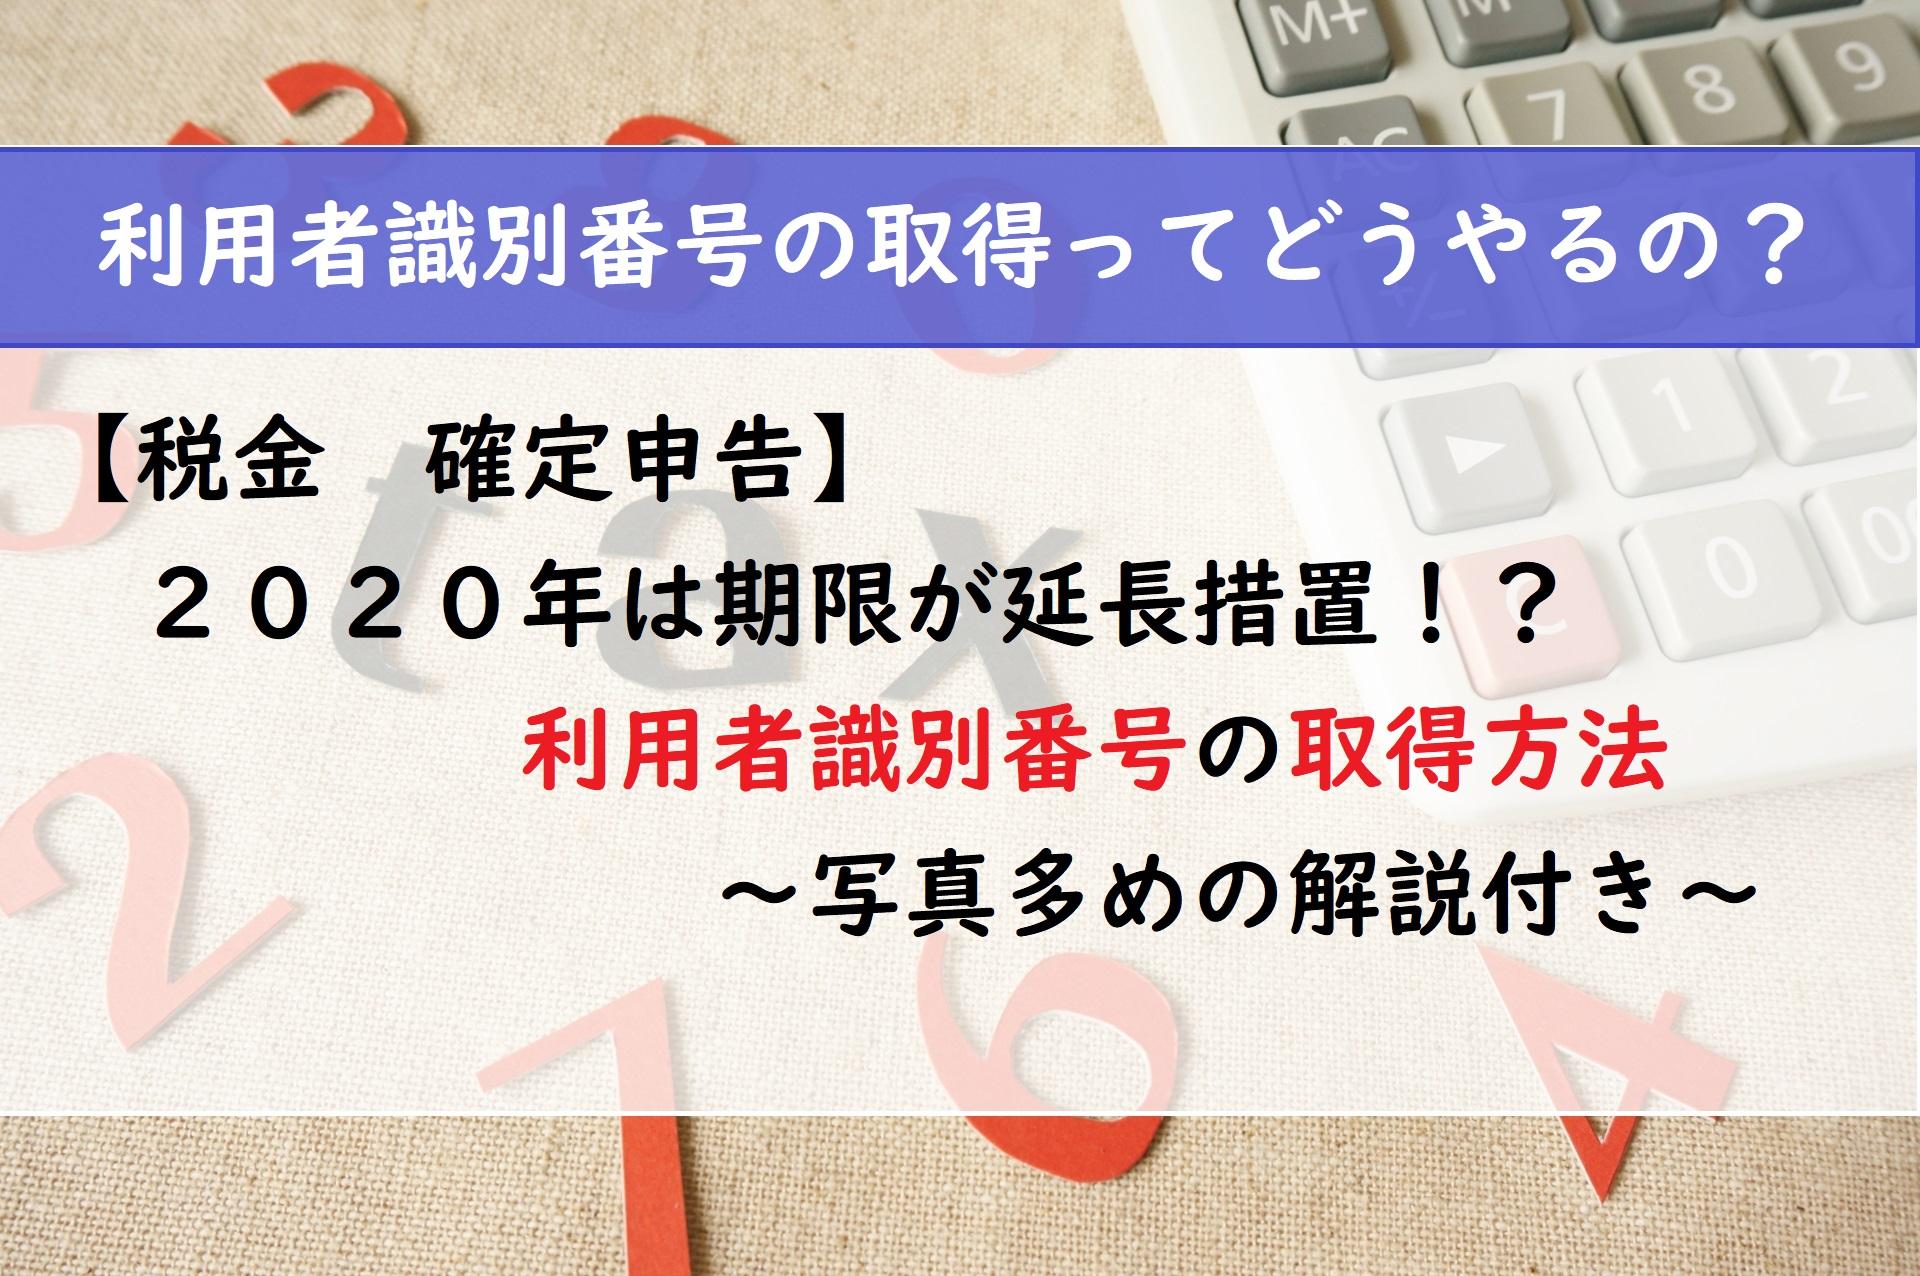 【税金 確定申告】2020年は期限が延長措置 利用者識別番号の取得方法